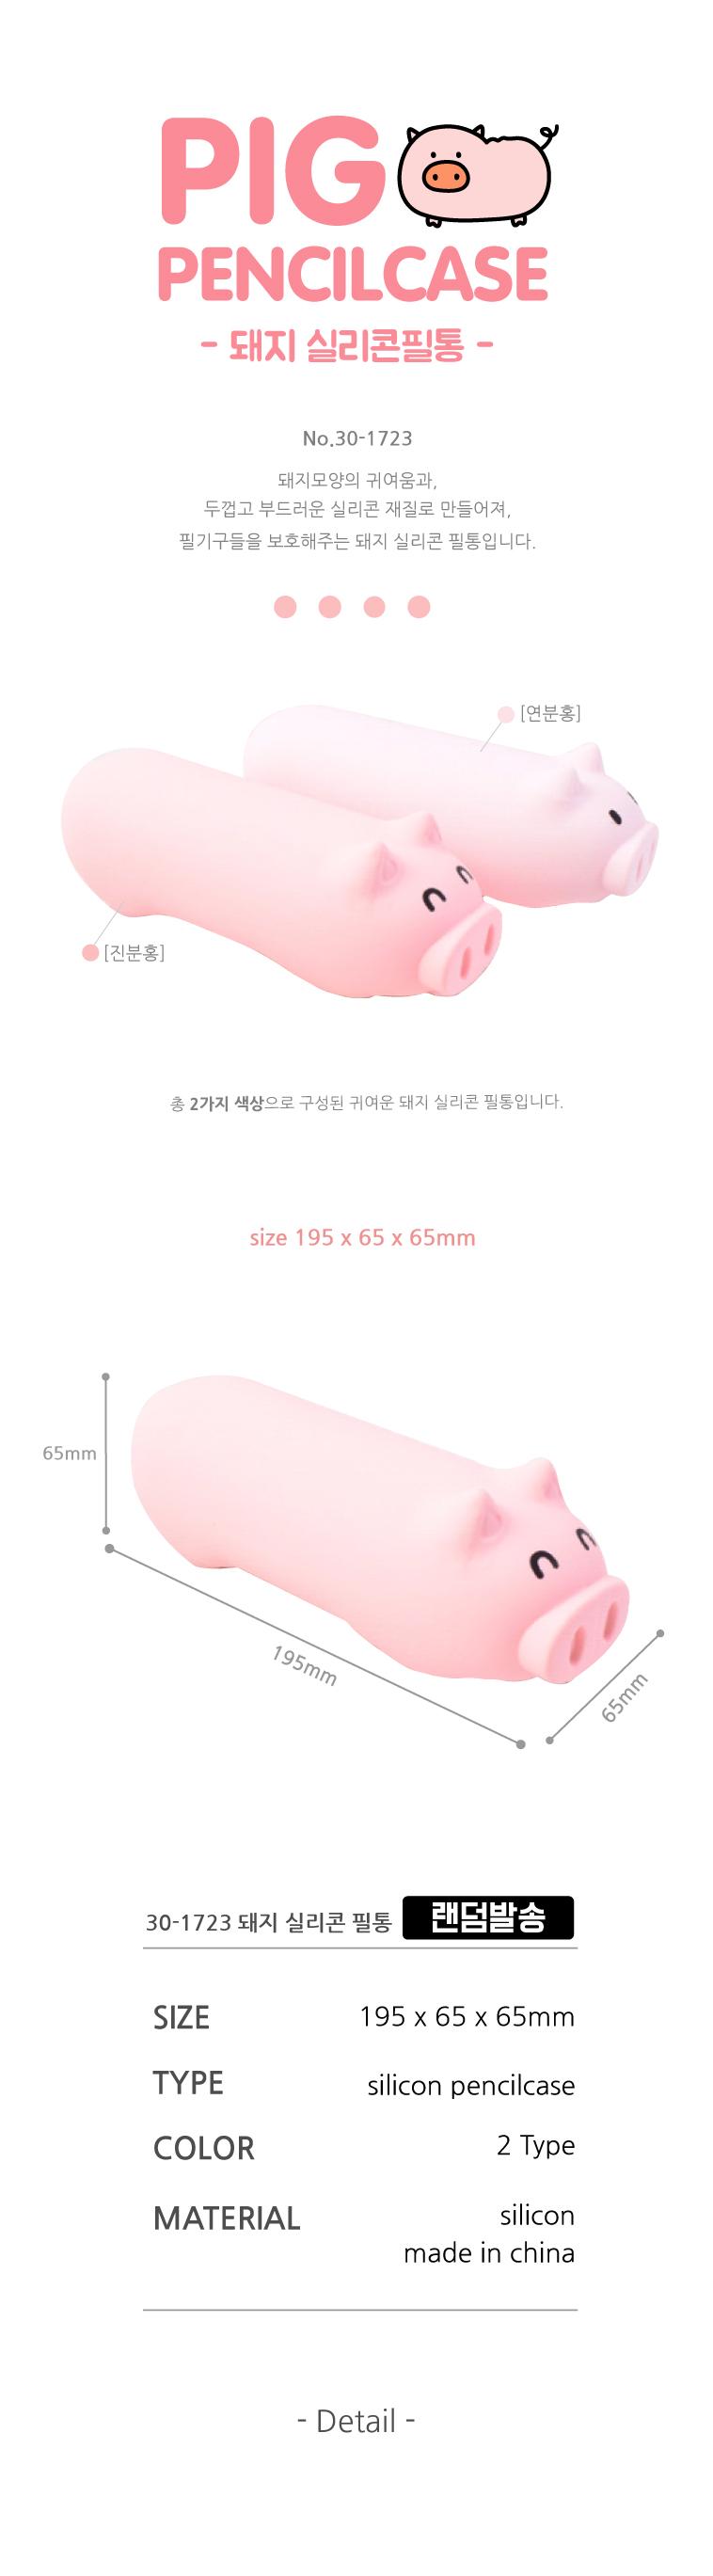 8000 돼지 실리콘 필통(30-1723) - 더오픈하우스, 6,000원, 가죽/합성피혁필통, 캐릭터